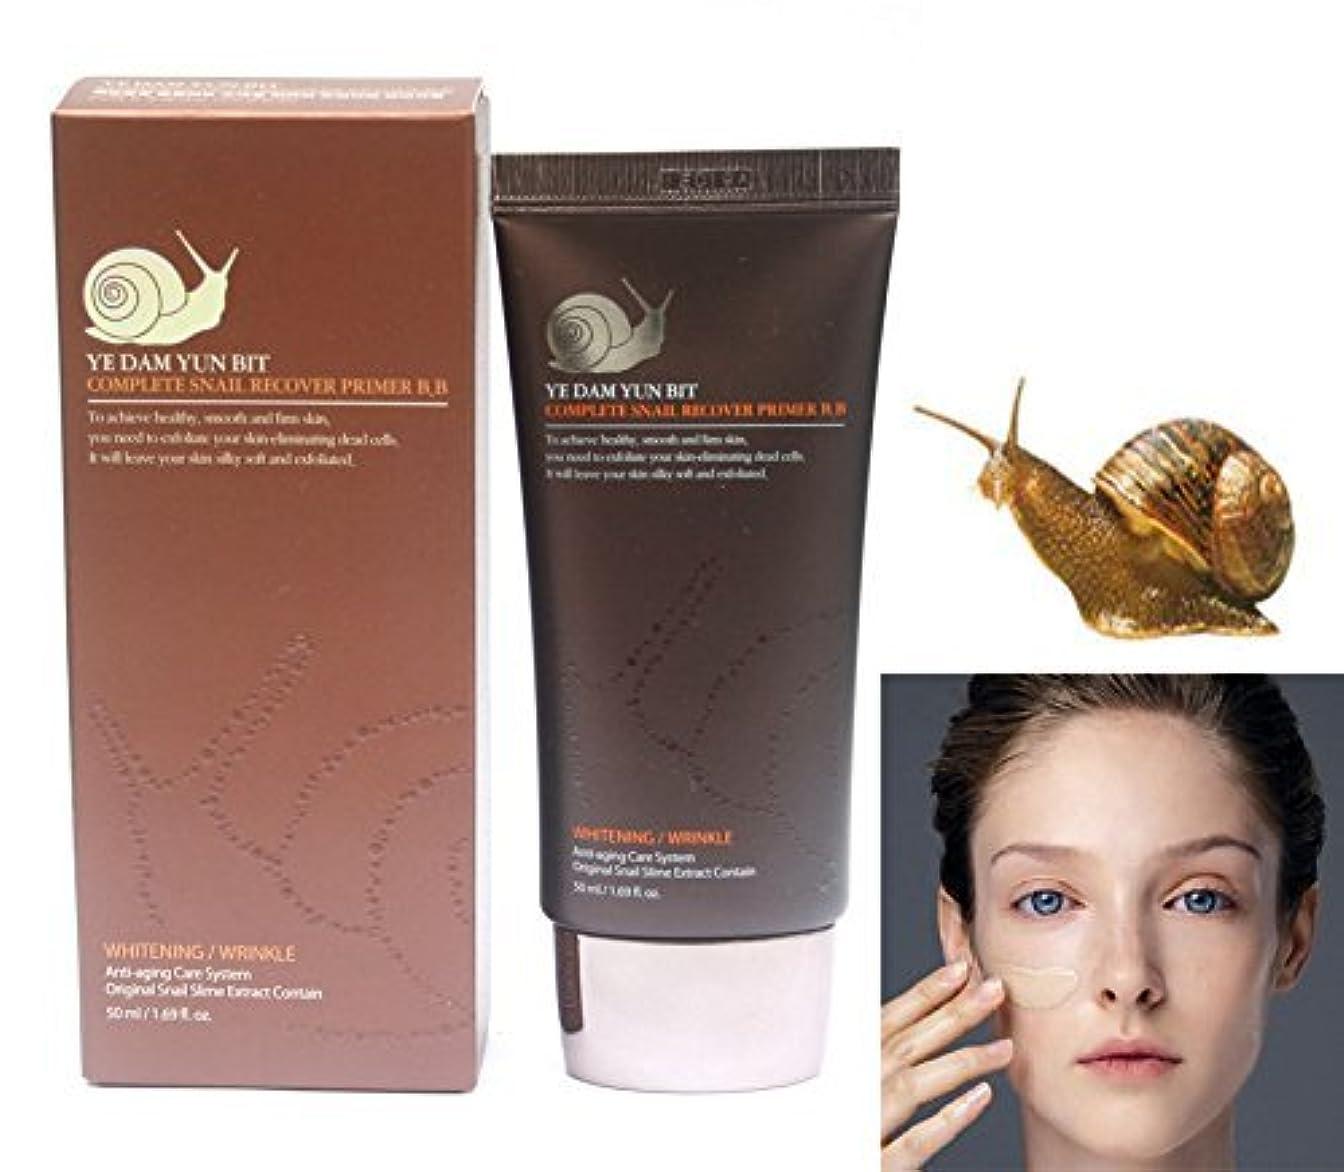 配列縞模様の極小[YEDAM YUNBIT] 完全なカタツムリ?リカバリー?プライマーBB 50ml /韓国化粧品 / Complete Snail Recover Primer BB 50ml / Korean Cosmetics (3EA) [並行輸入品]